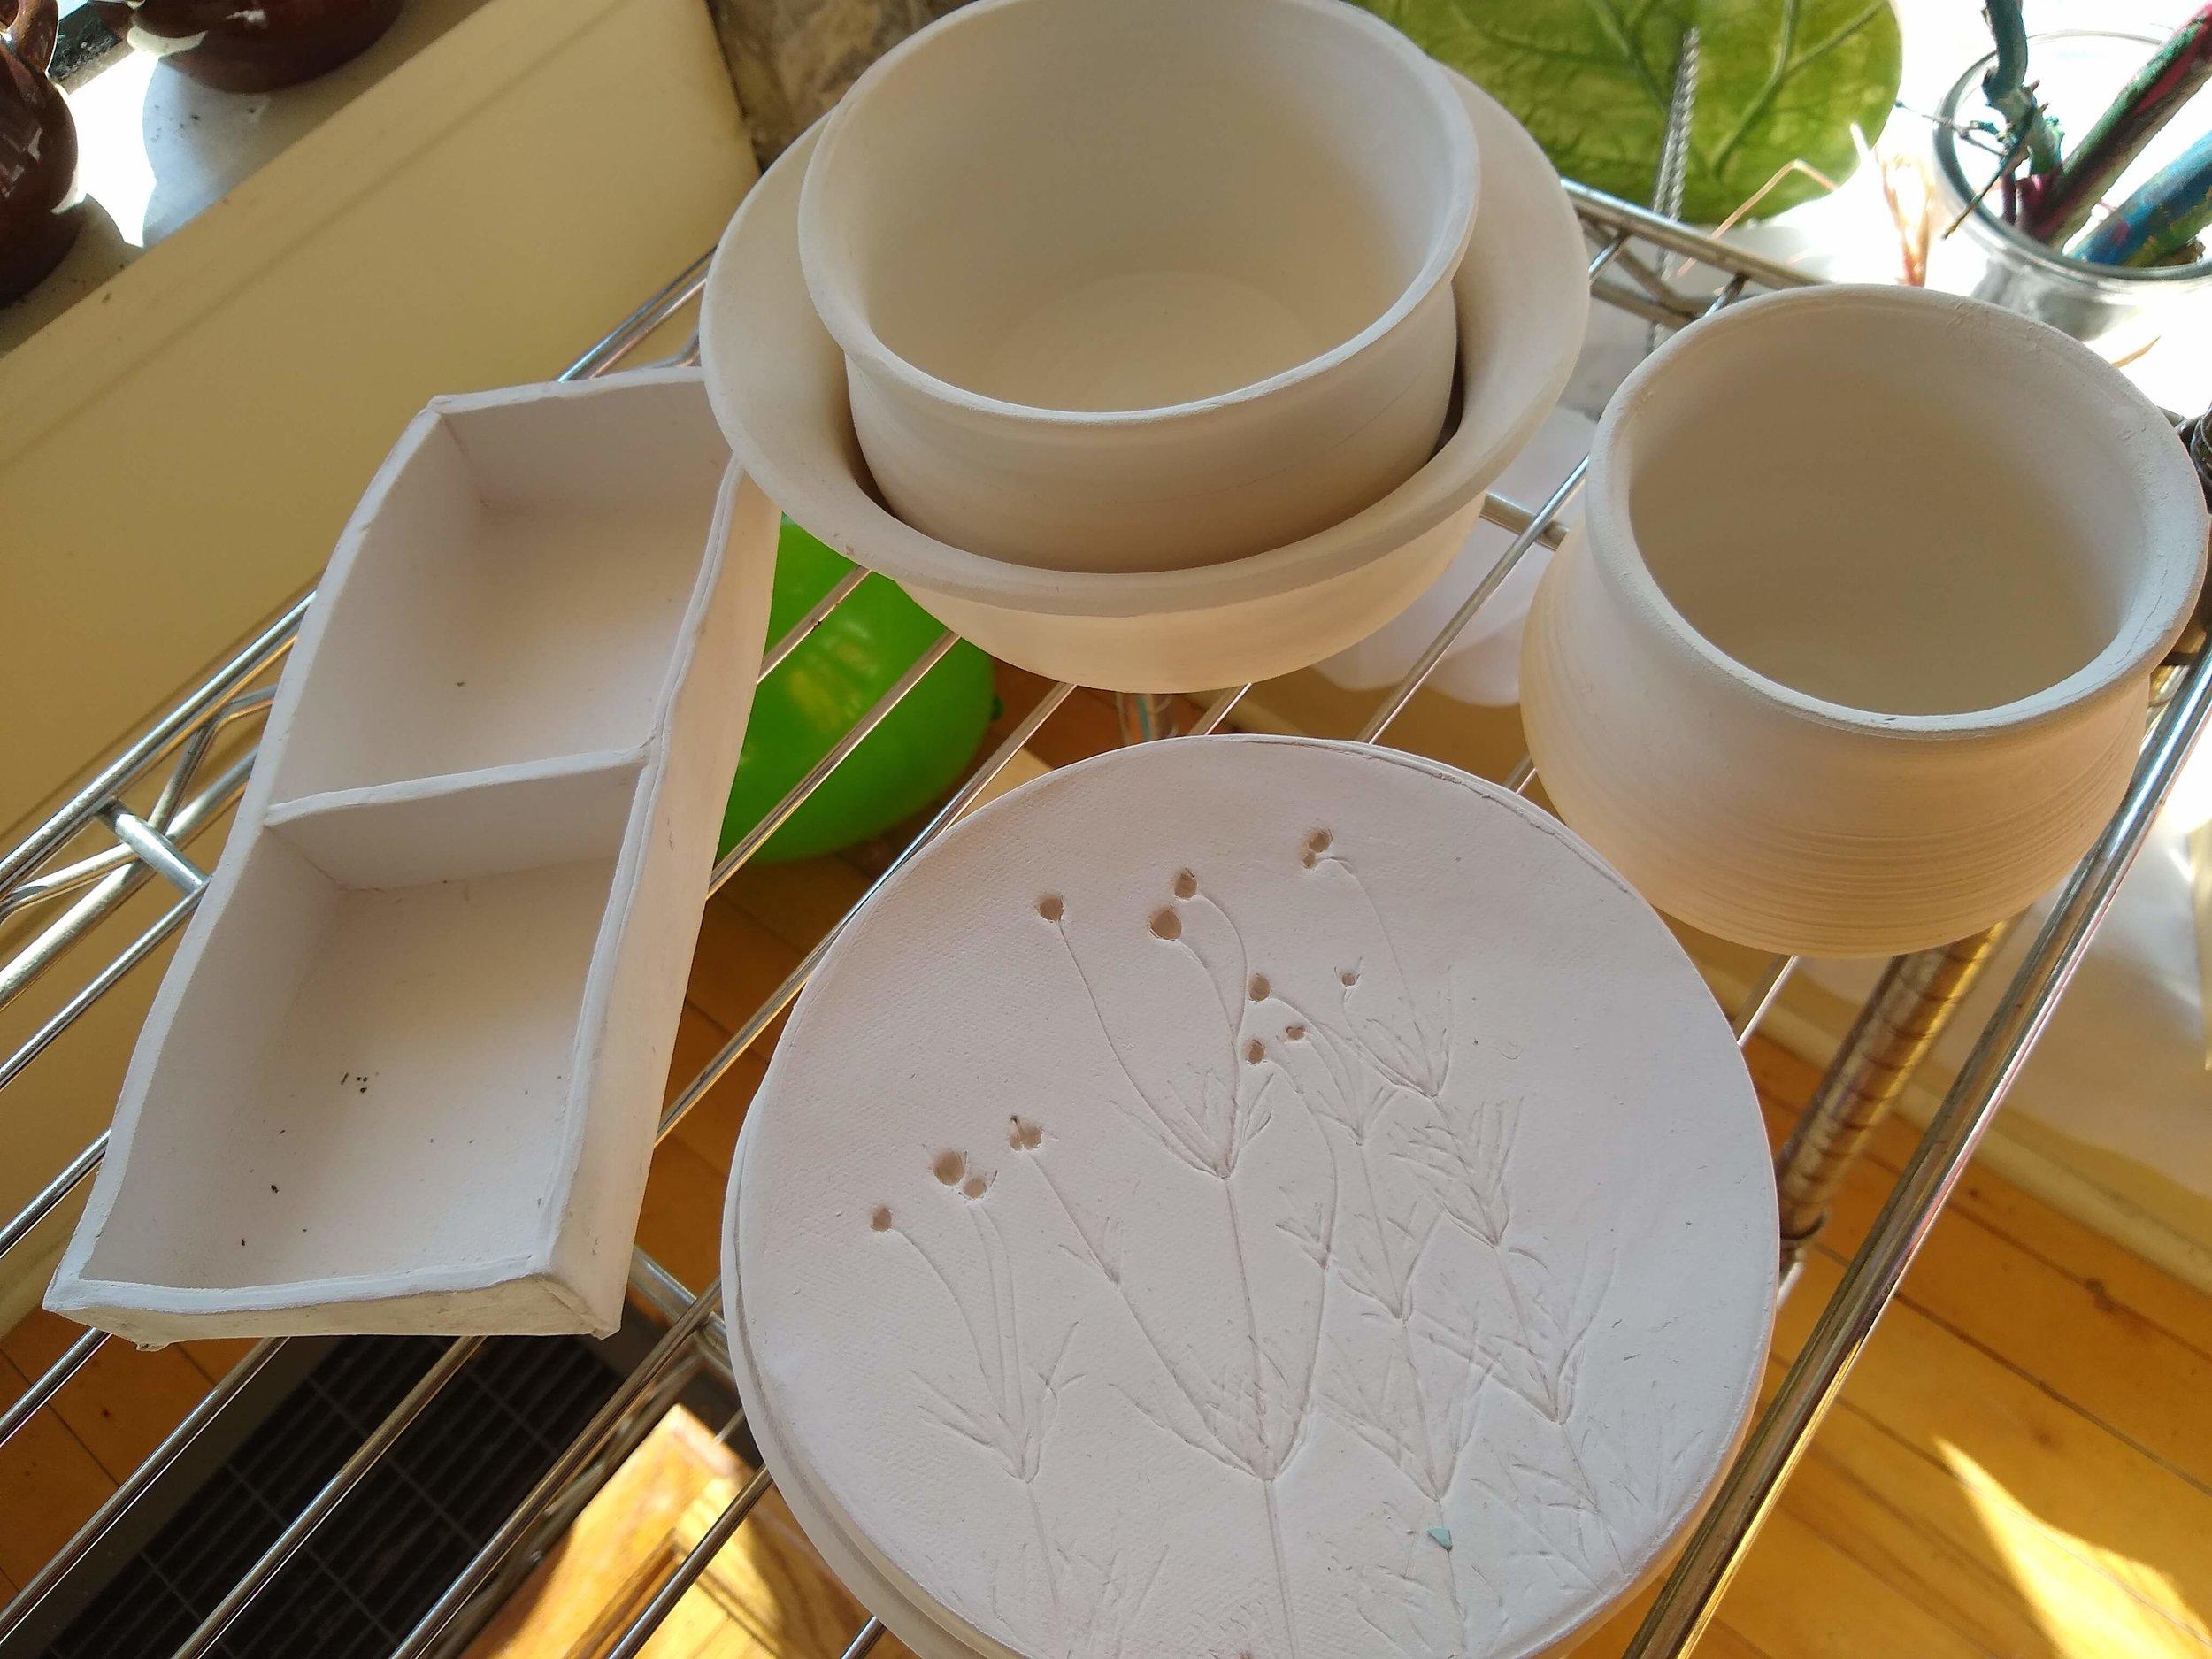 pottery samples.jpg